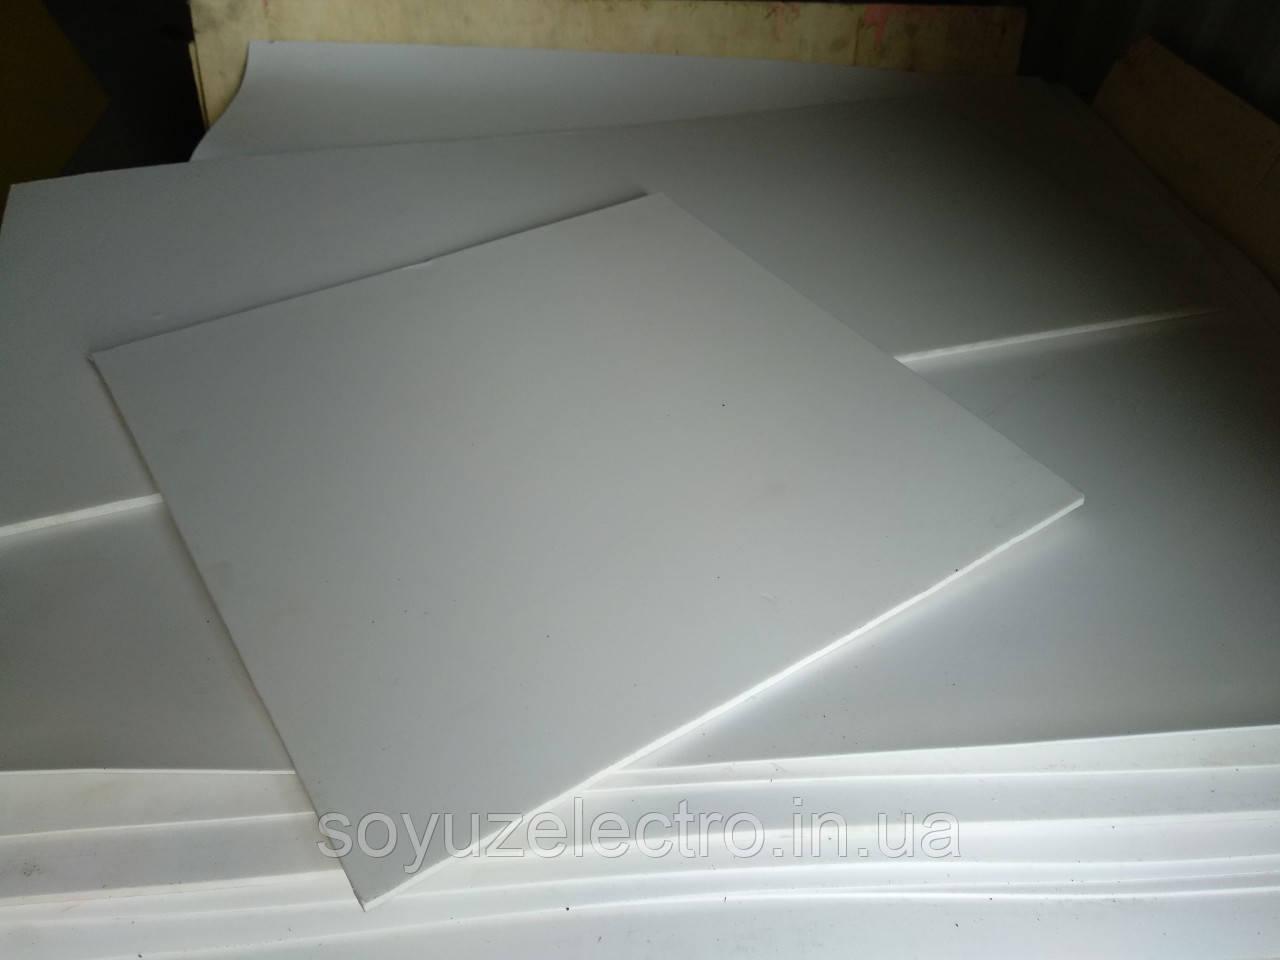 Фторопласт лист Ф4 8 мм 500х500 мм